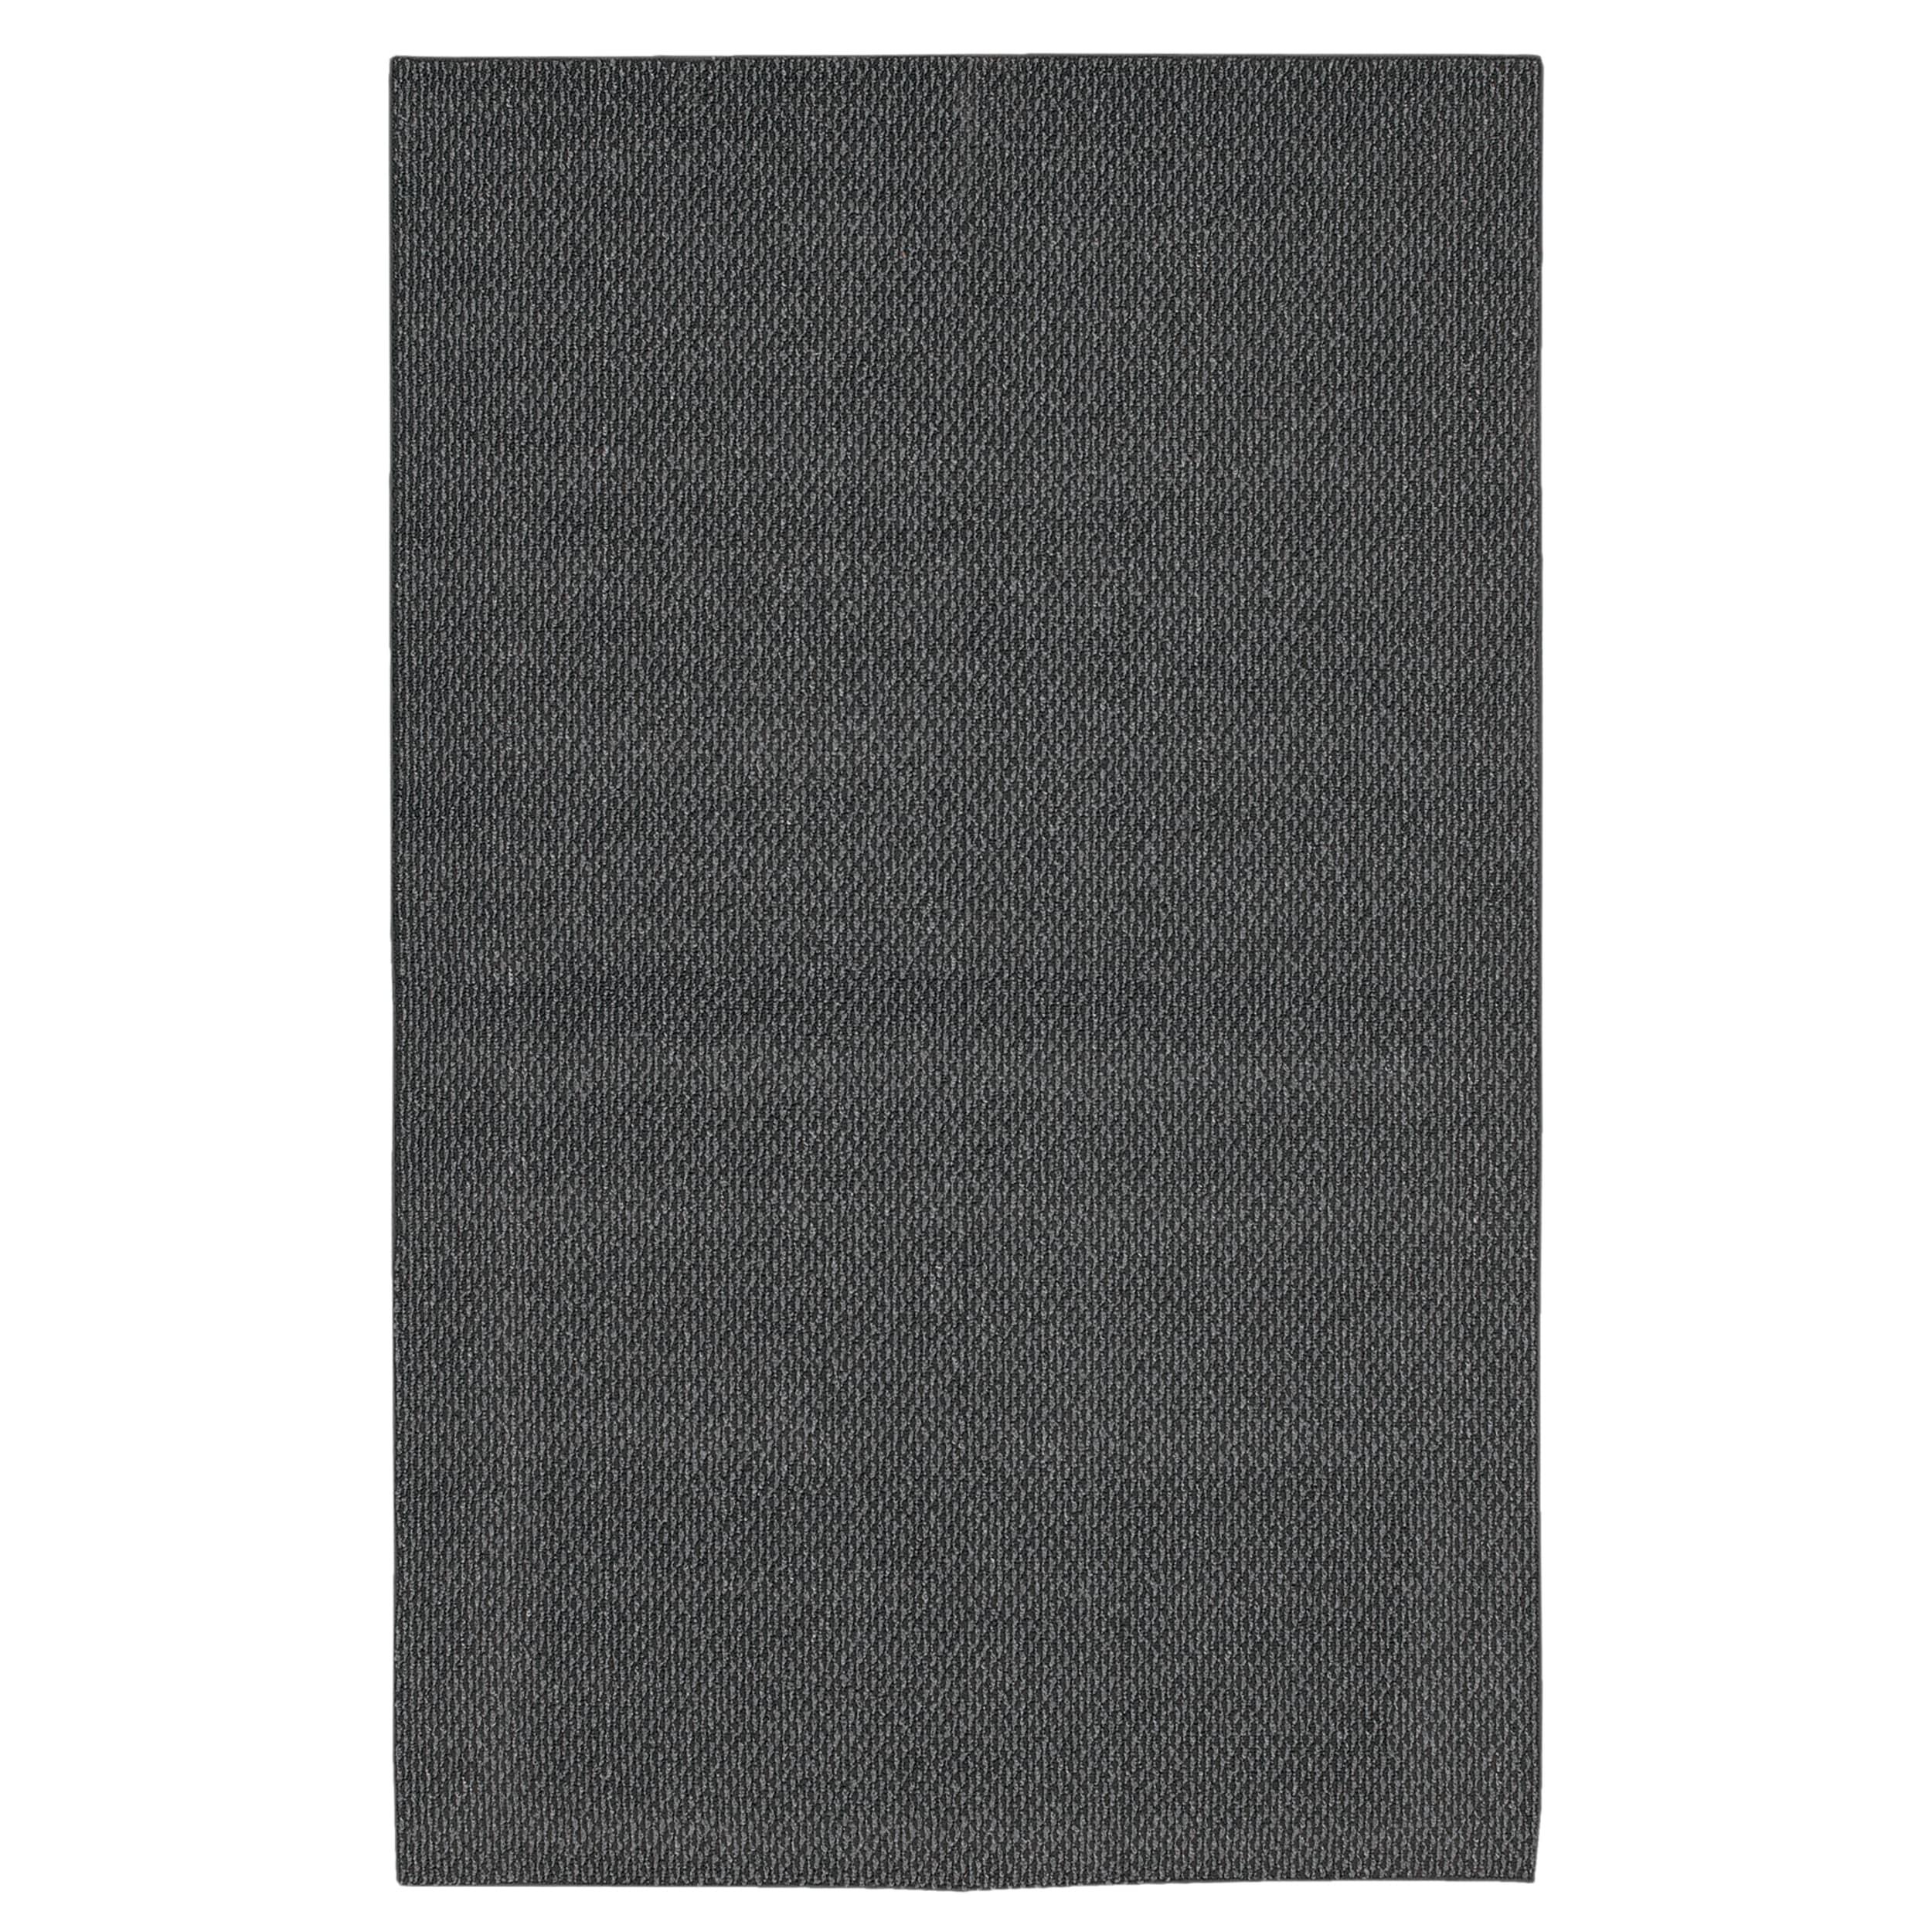 Calliope Berber Charcoal Grey Rug (5' x 7')